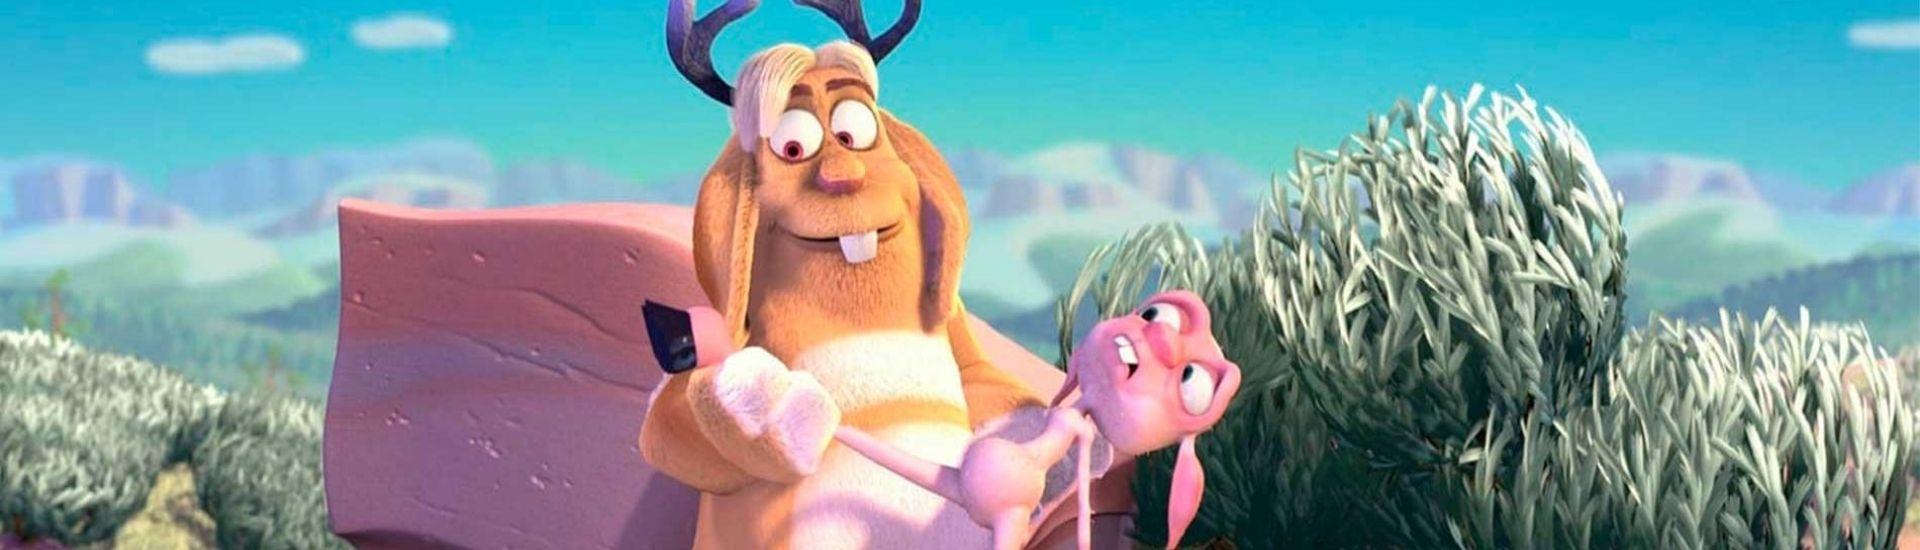 Captura de pantalla de una escena del cortometraje